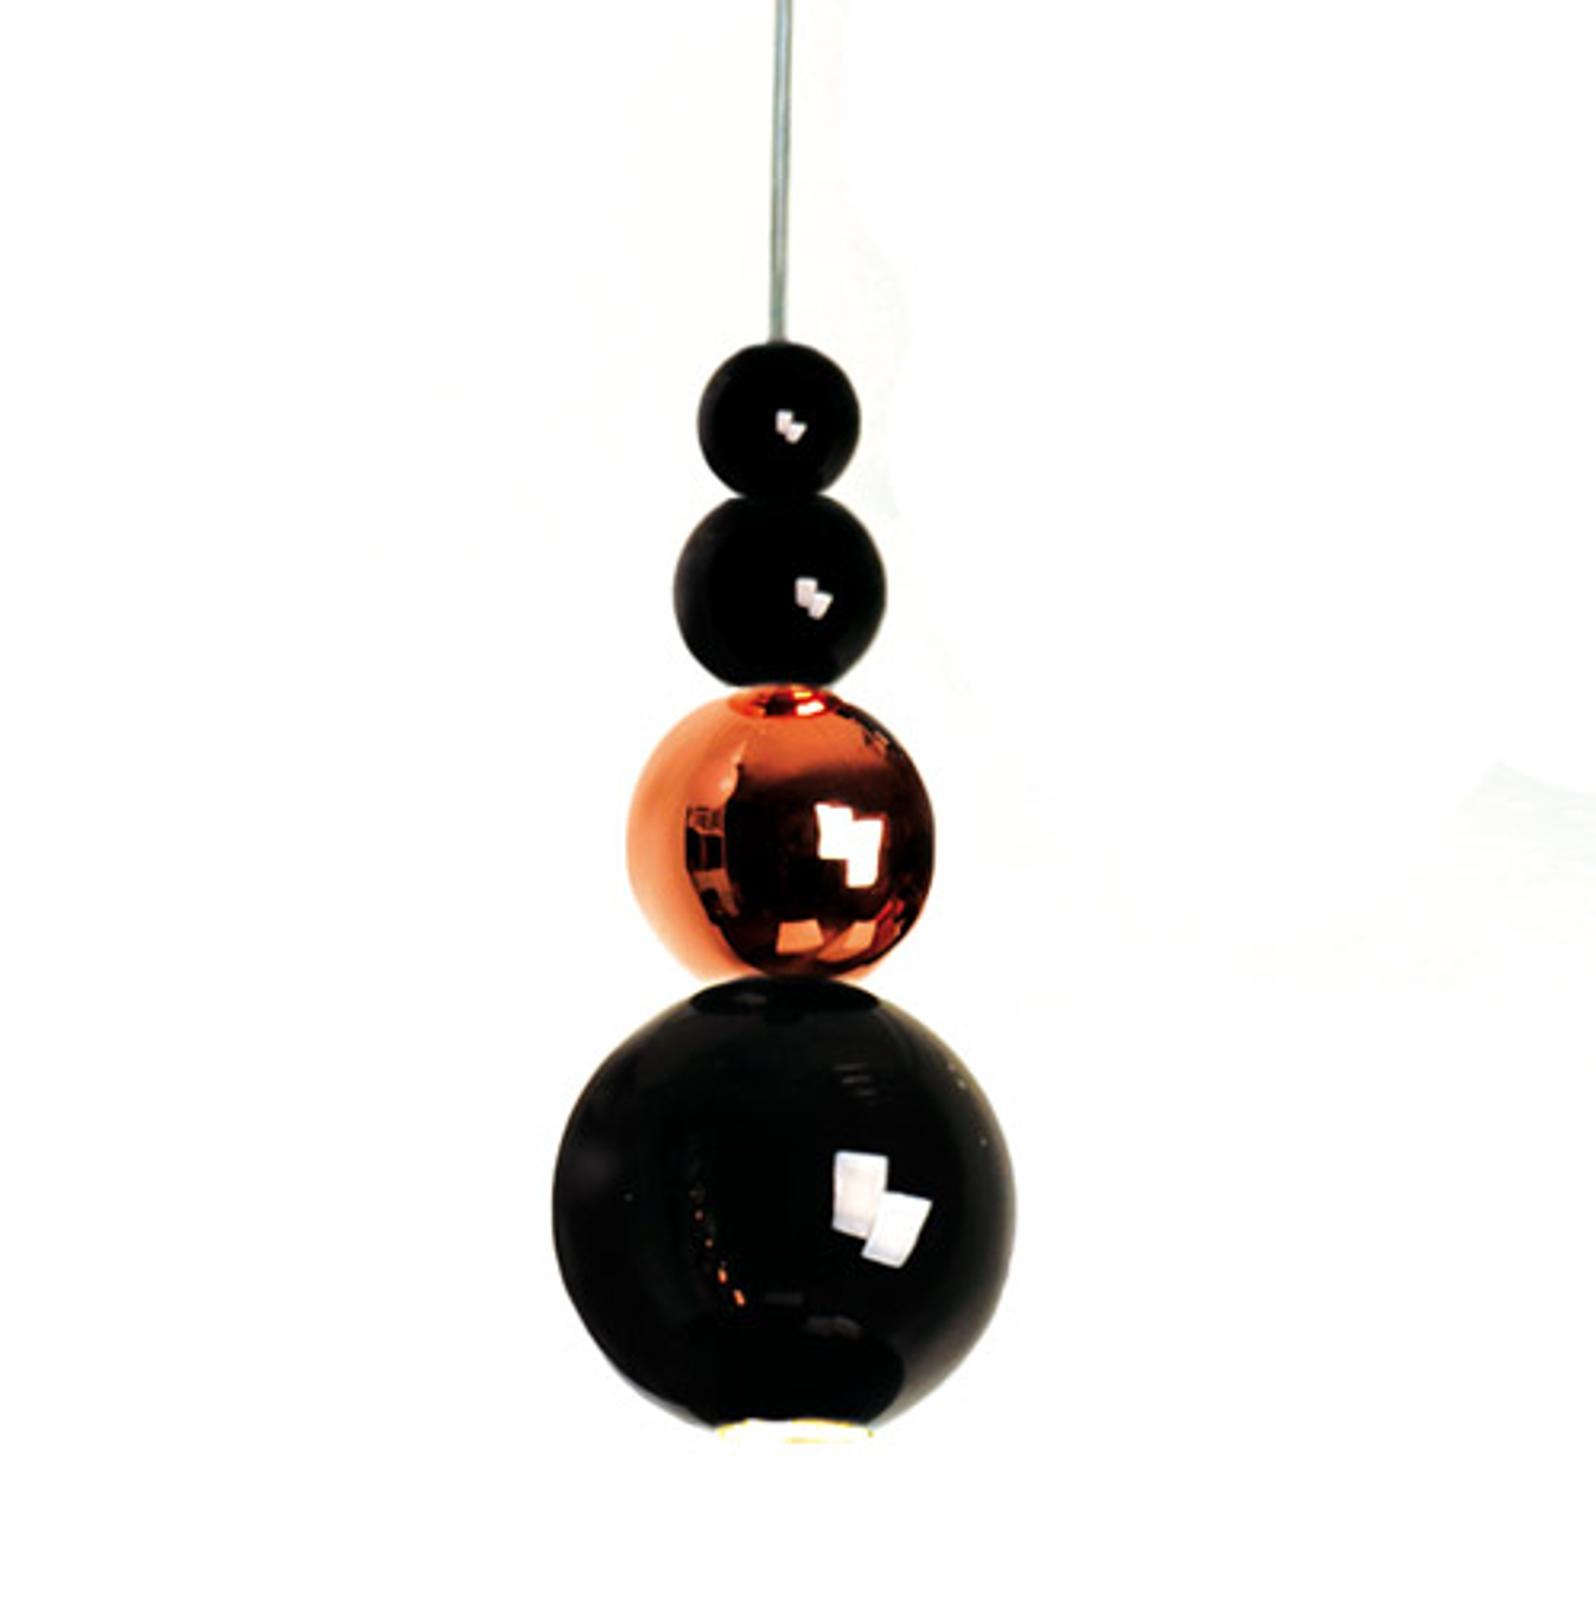 Innermost Bubble -hængelampe i sort-kobber